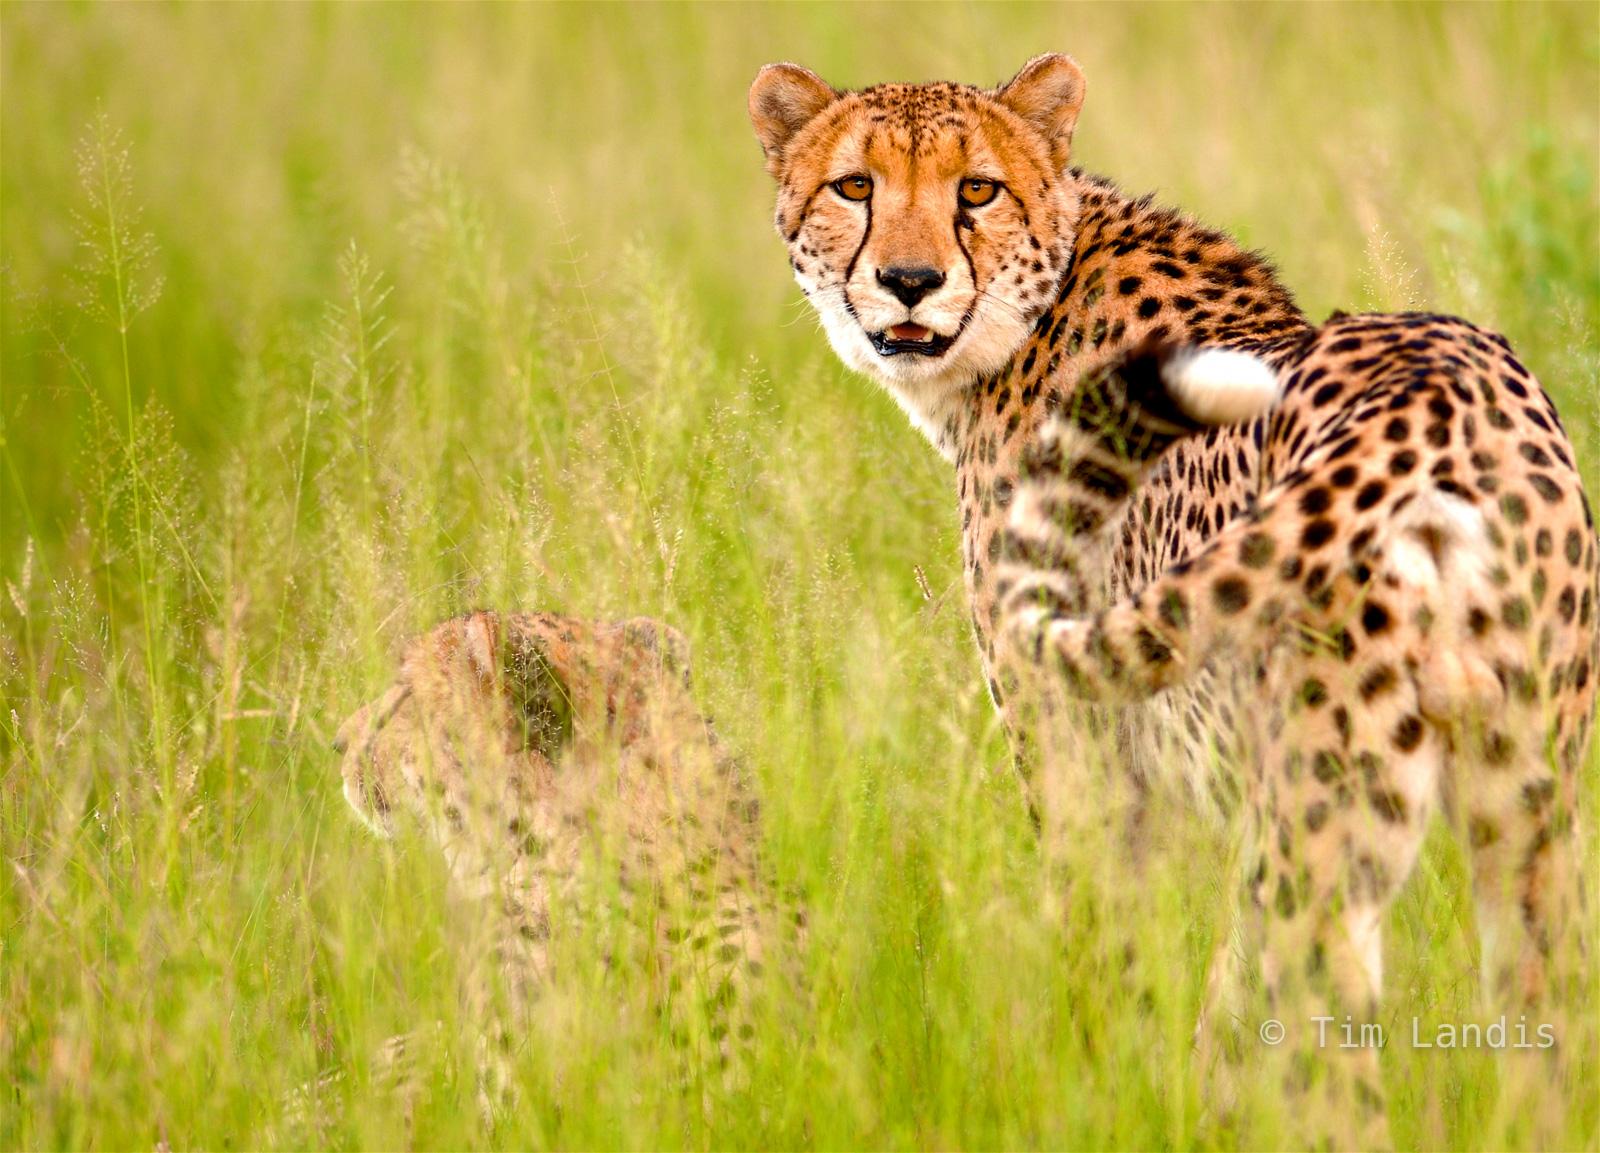 Botswana, two cheetahs in tall grass, photo